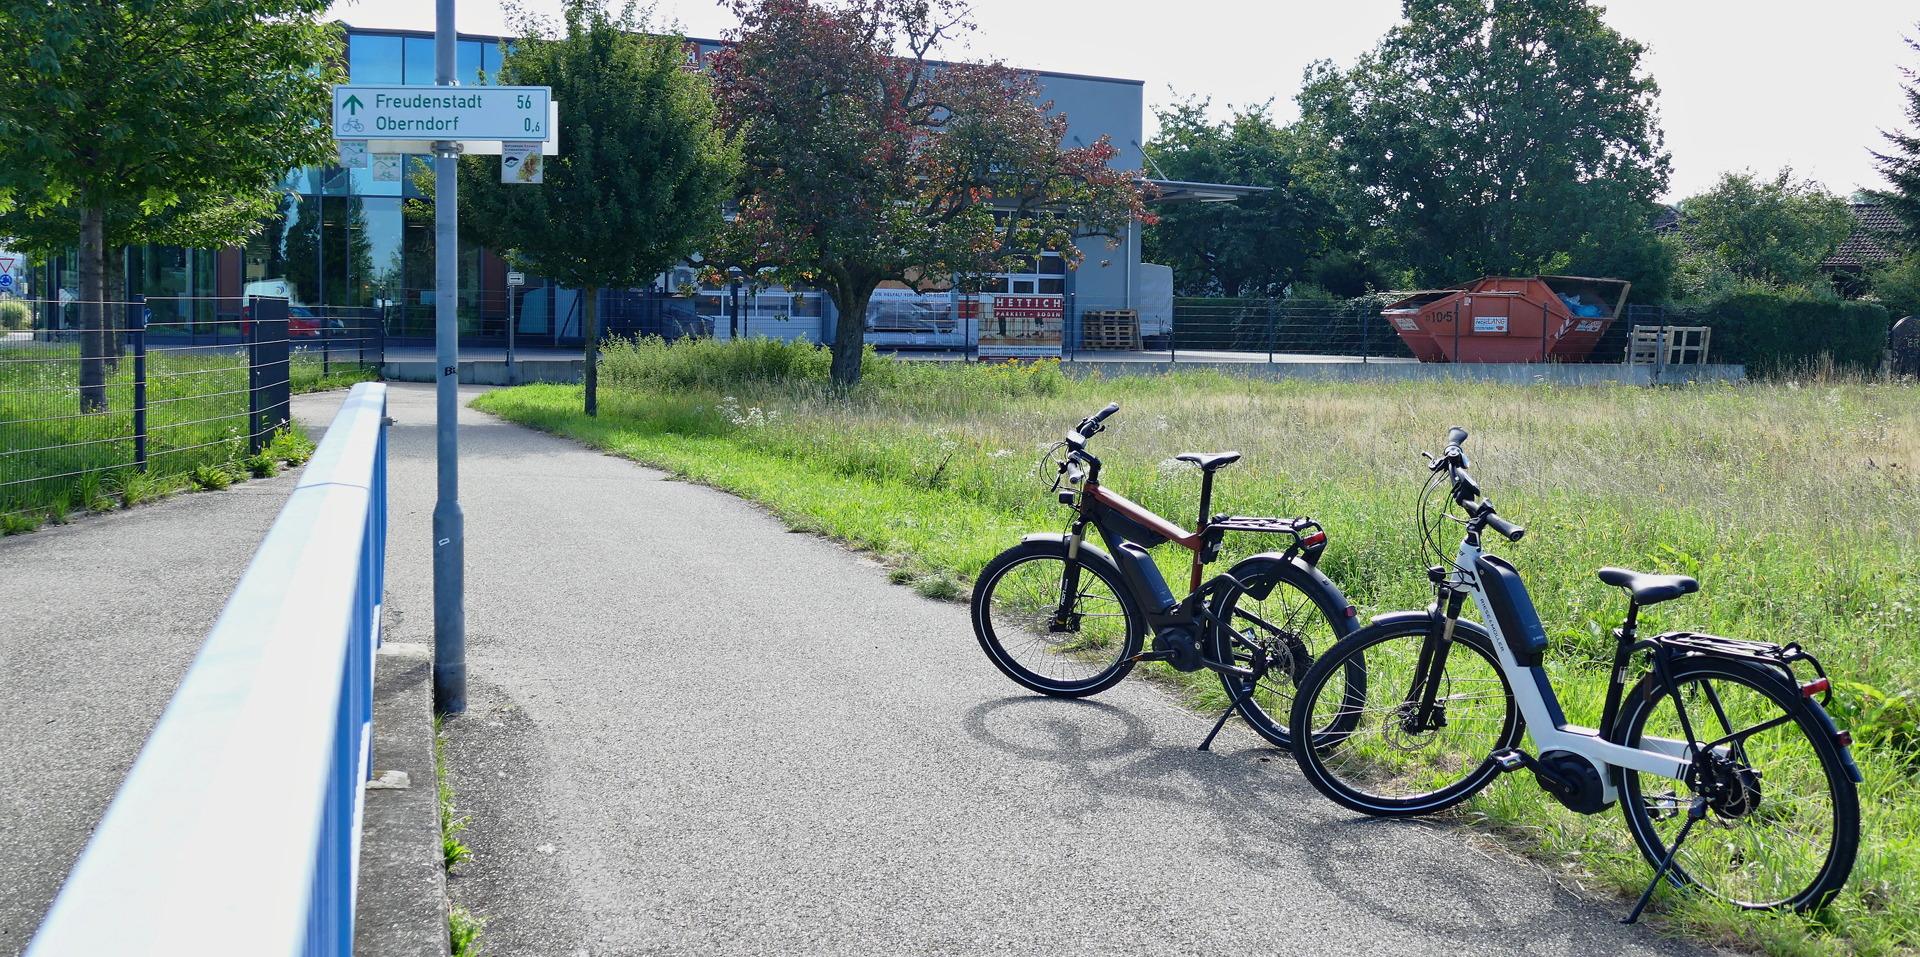 Zwei Riese & Müller Testbikes vor Tour de Murg Schild